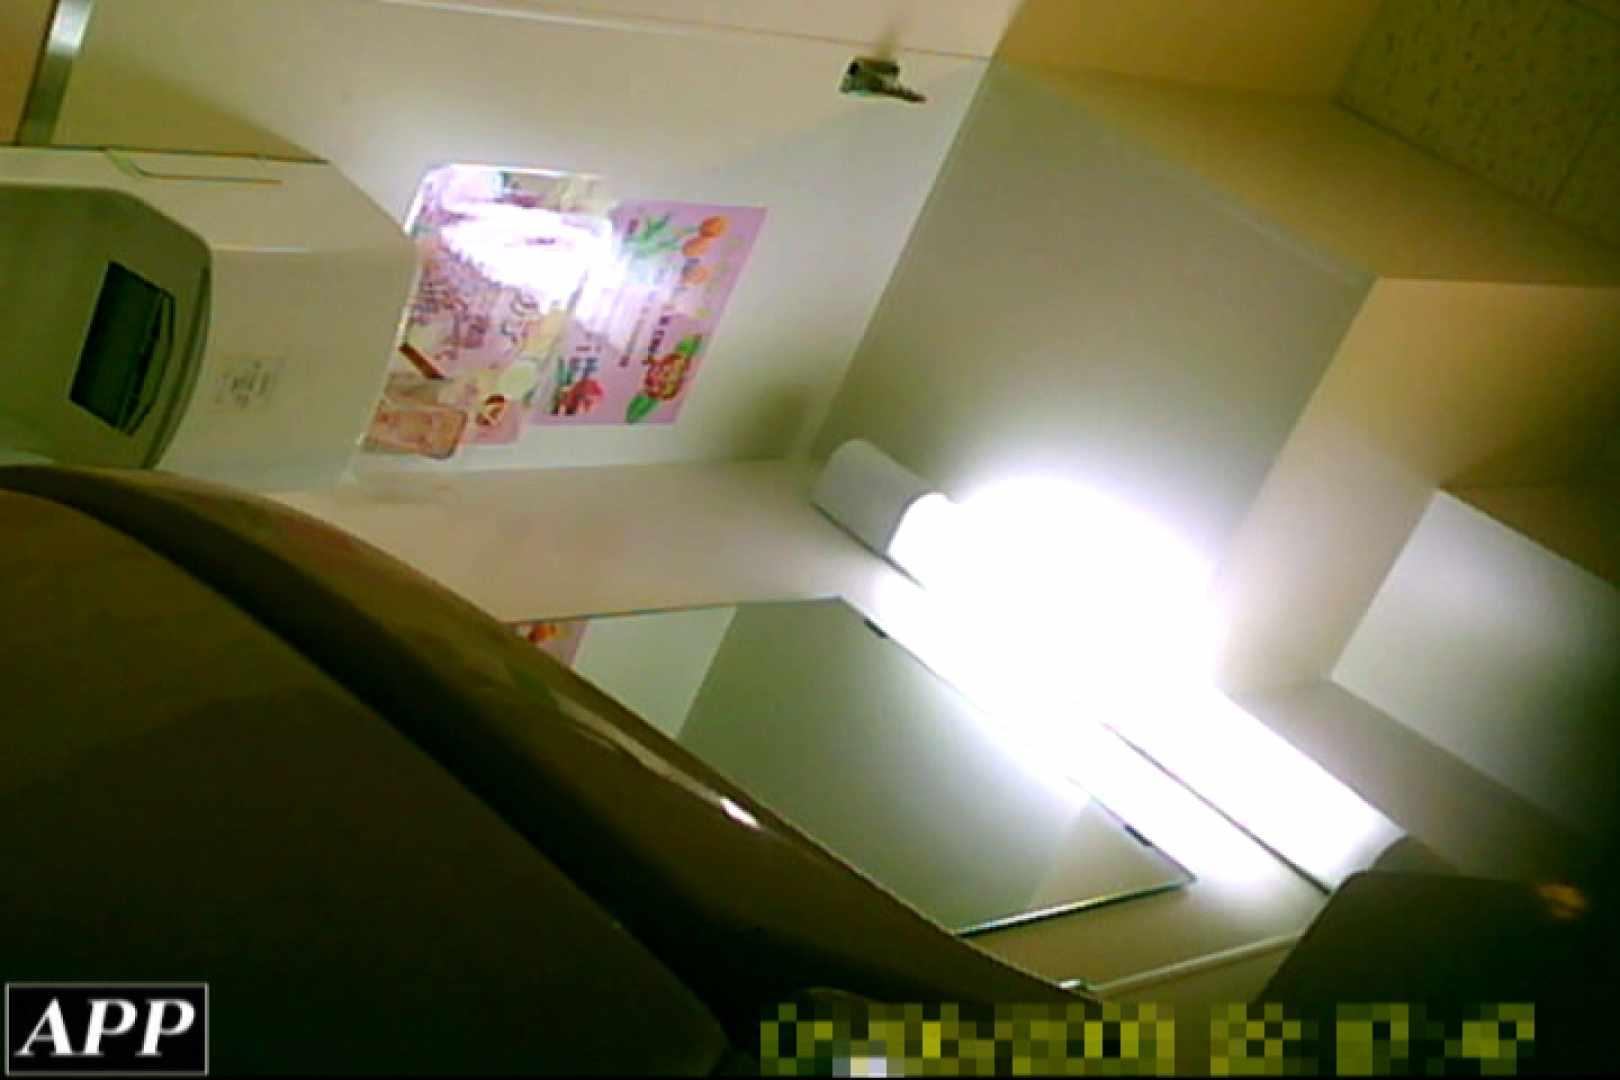 3視点洗面所 vol.141 洗面所 覗きおまんこ画像 58画像 9